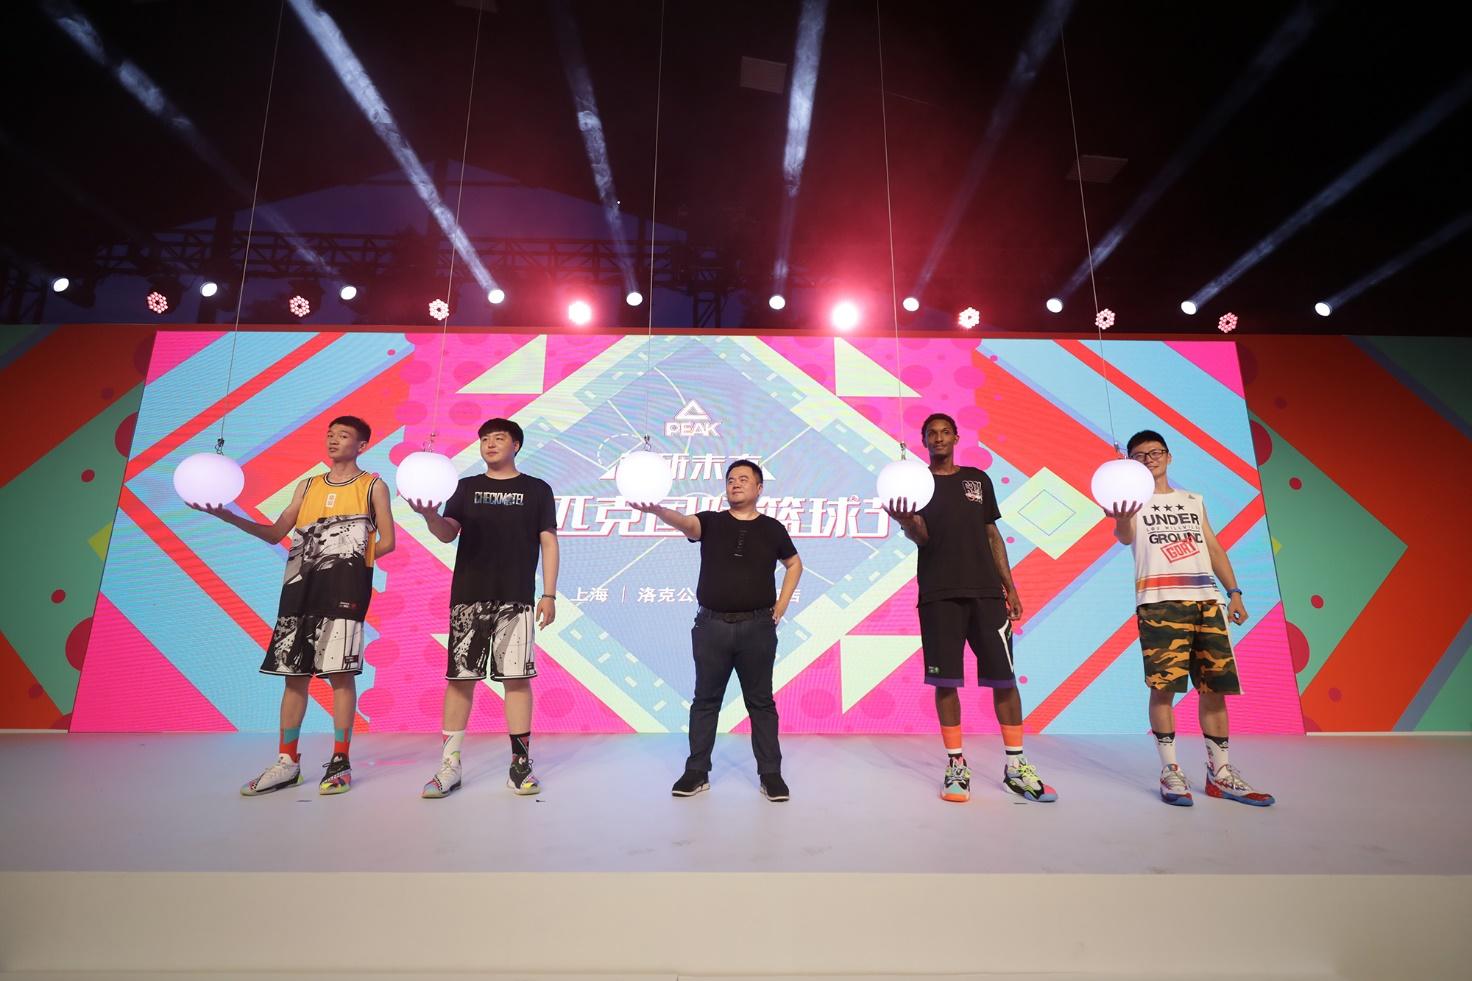 """匹克国际篮球节正式发布全新态极篮球鞋  """"大腿""""路威现身烎燃全场"""